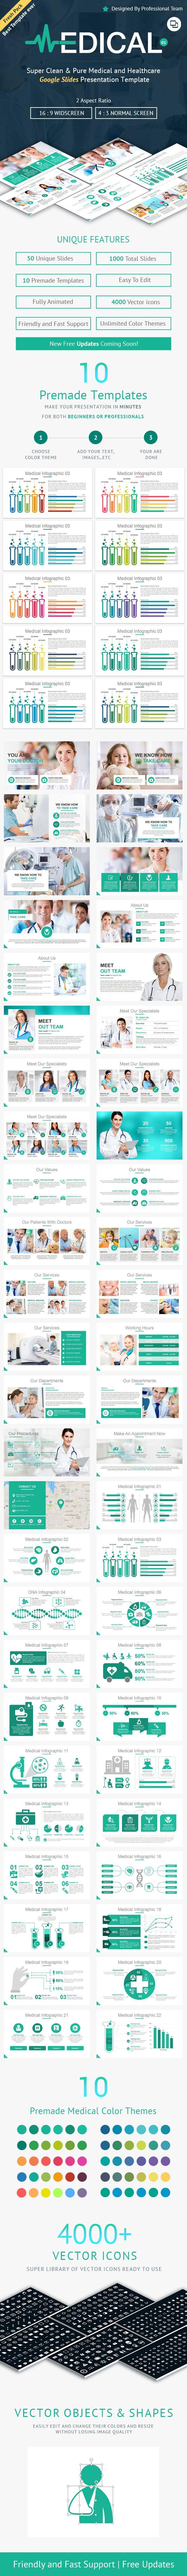 10 best professional google slides presentation templates images, Presentation templates